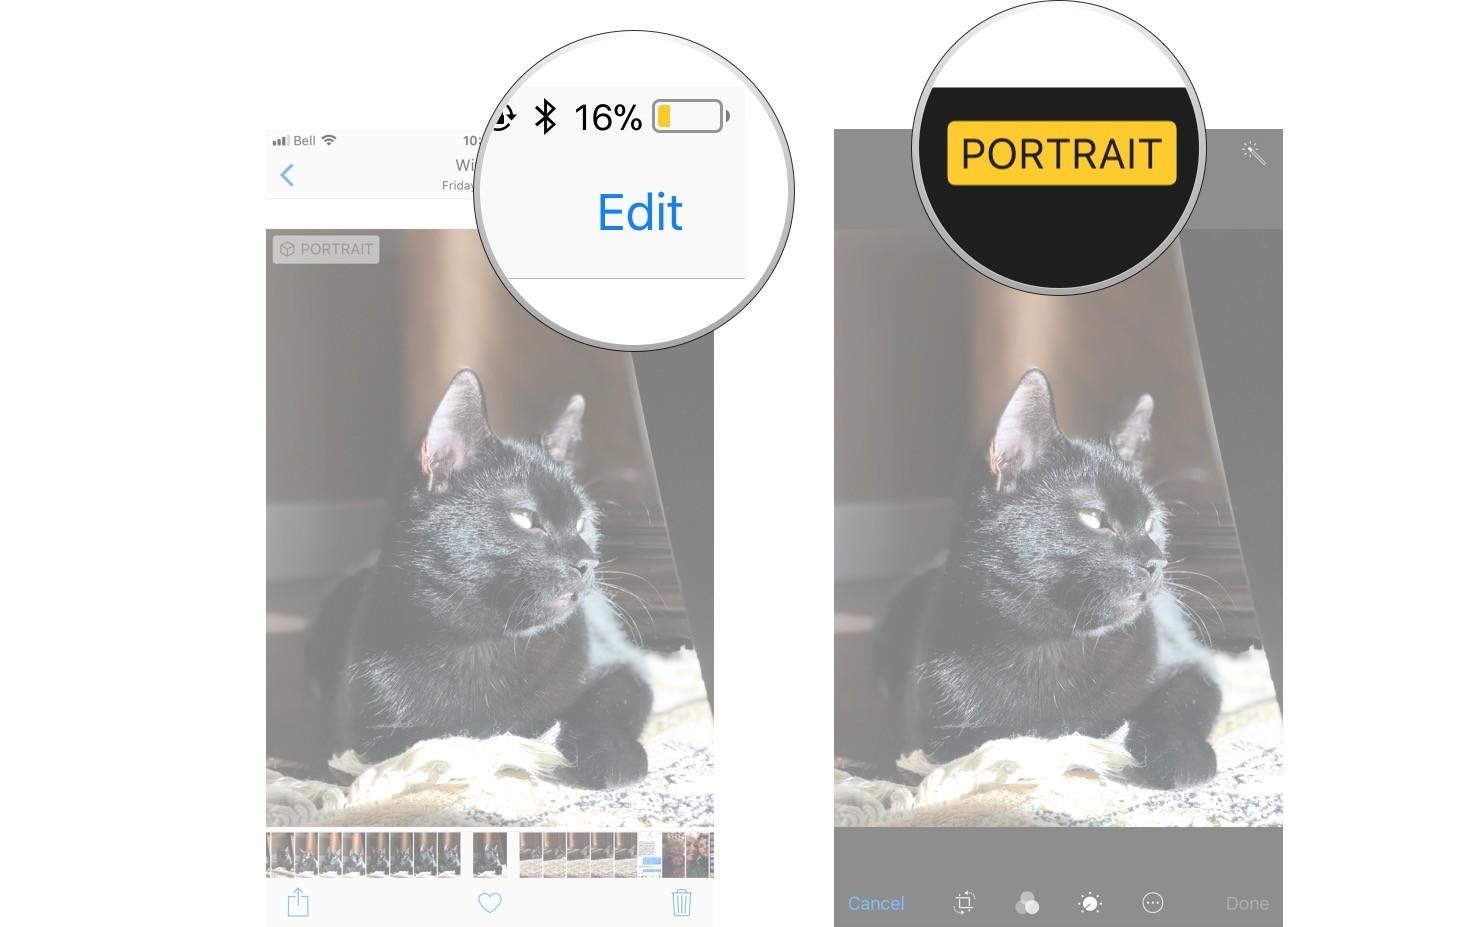 Как использовать портретный режим и портретное освещение в iPhone X - как отключить портретный режим на iOS 11